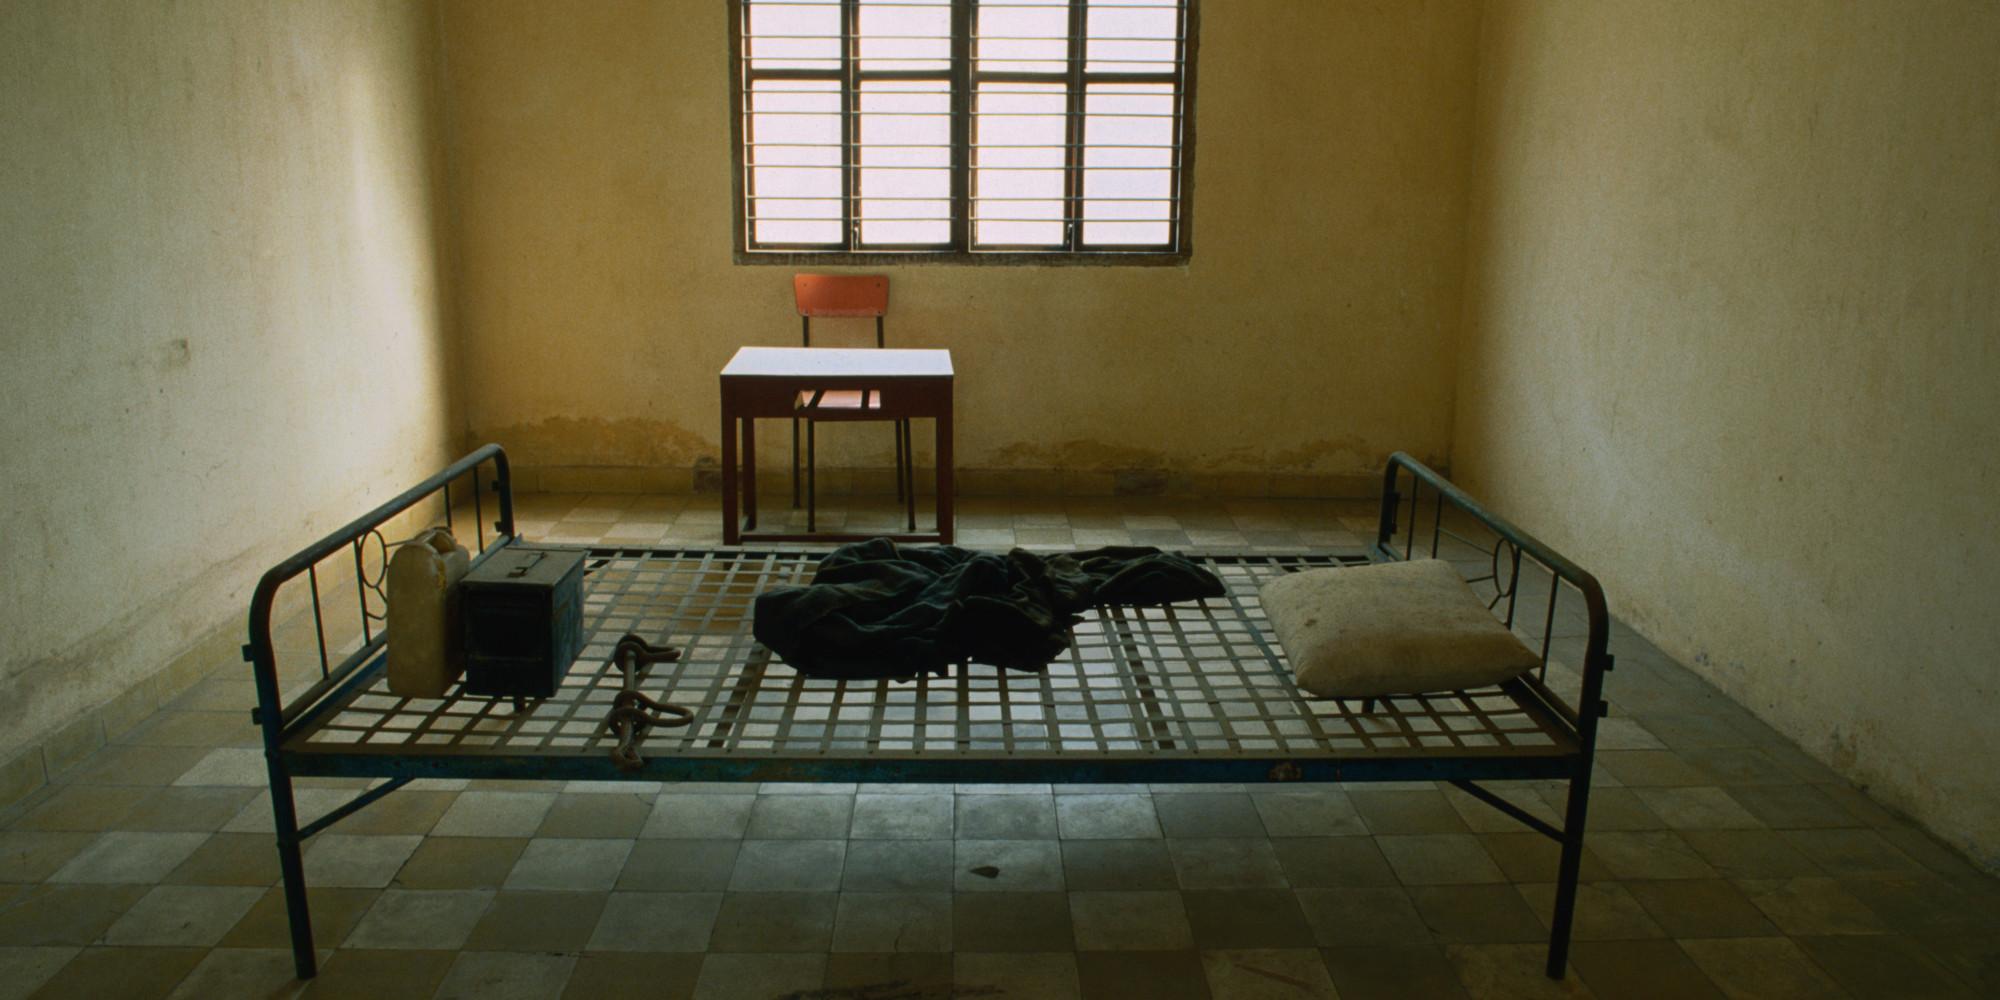 torture essay outline